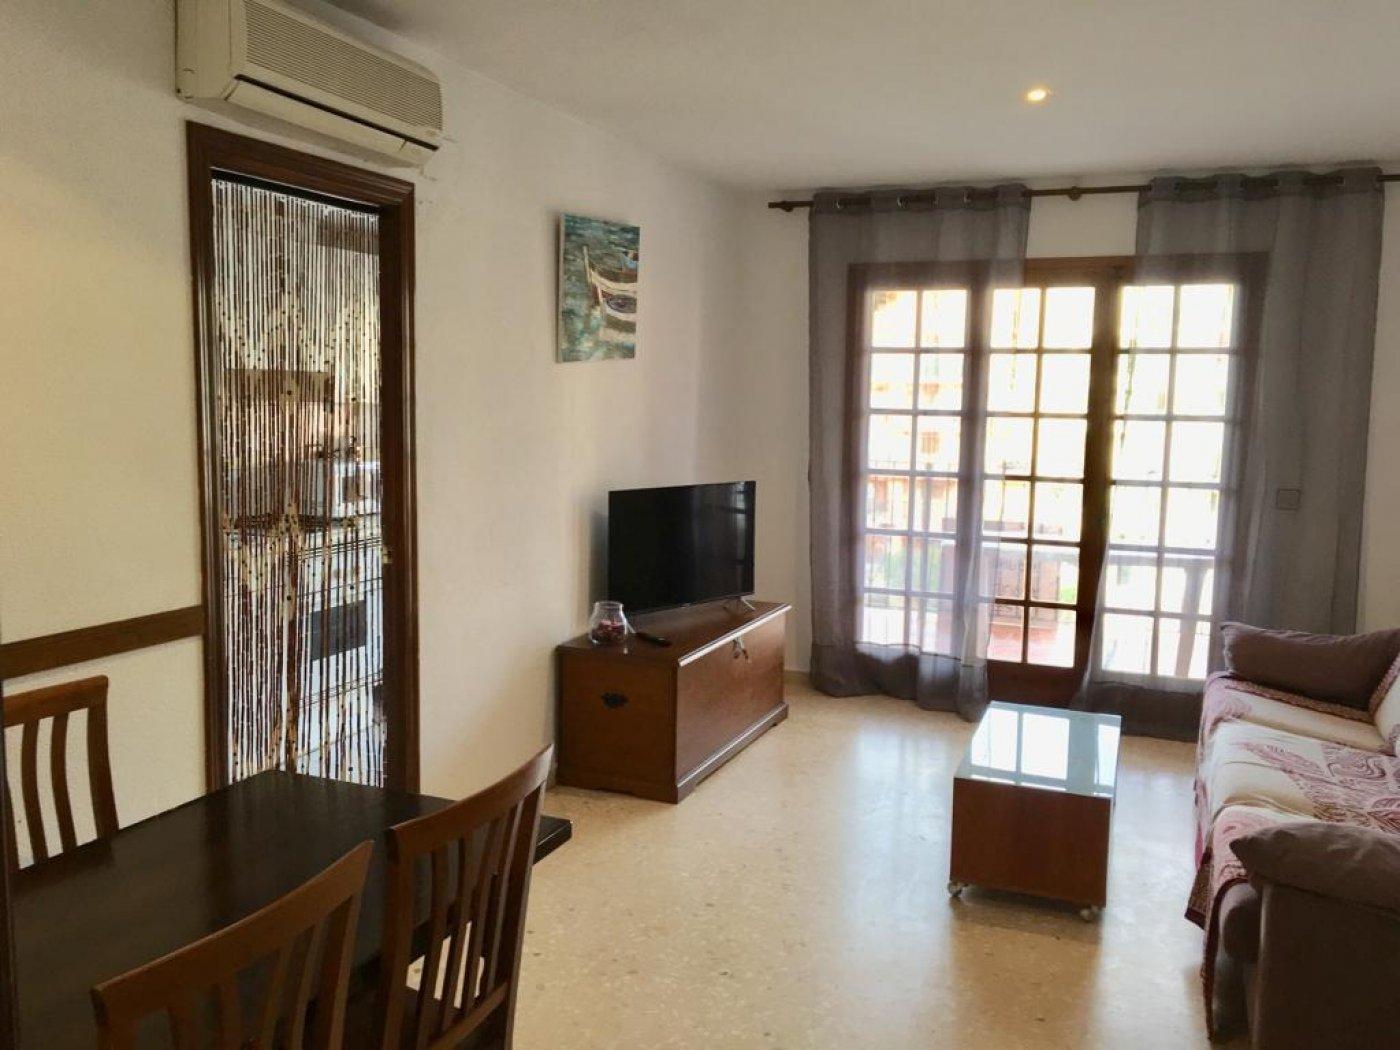 Estupendo apartamento en portsaplaya!!! - imagenInmueble1